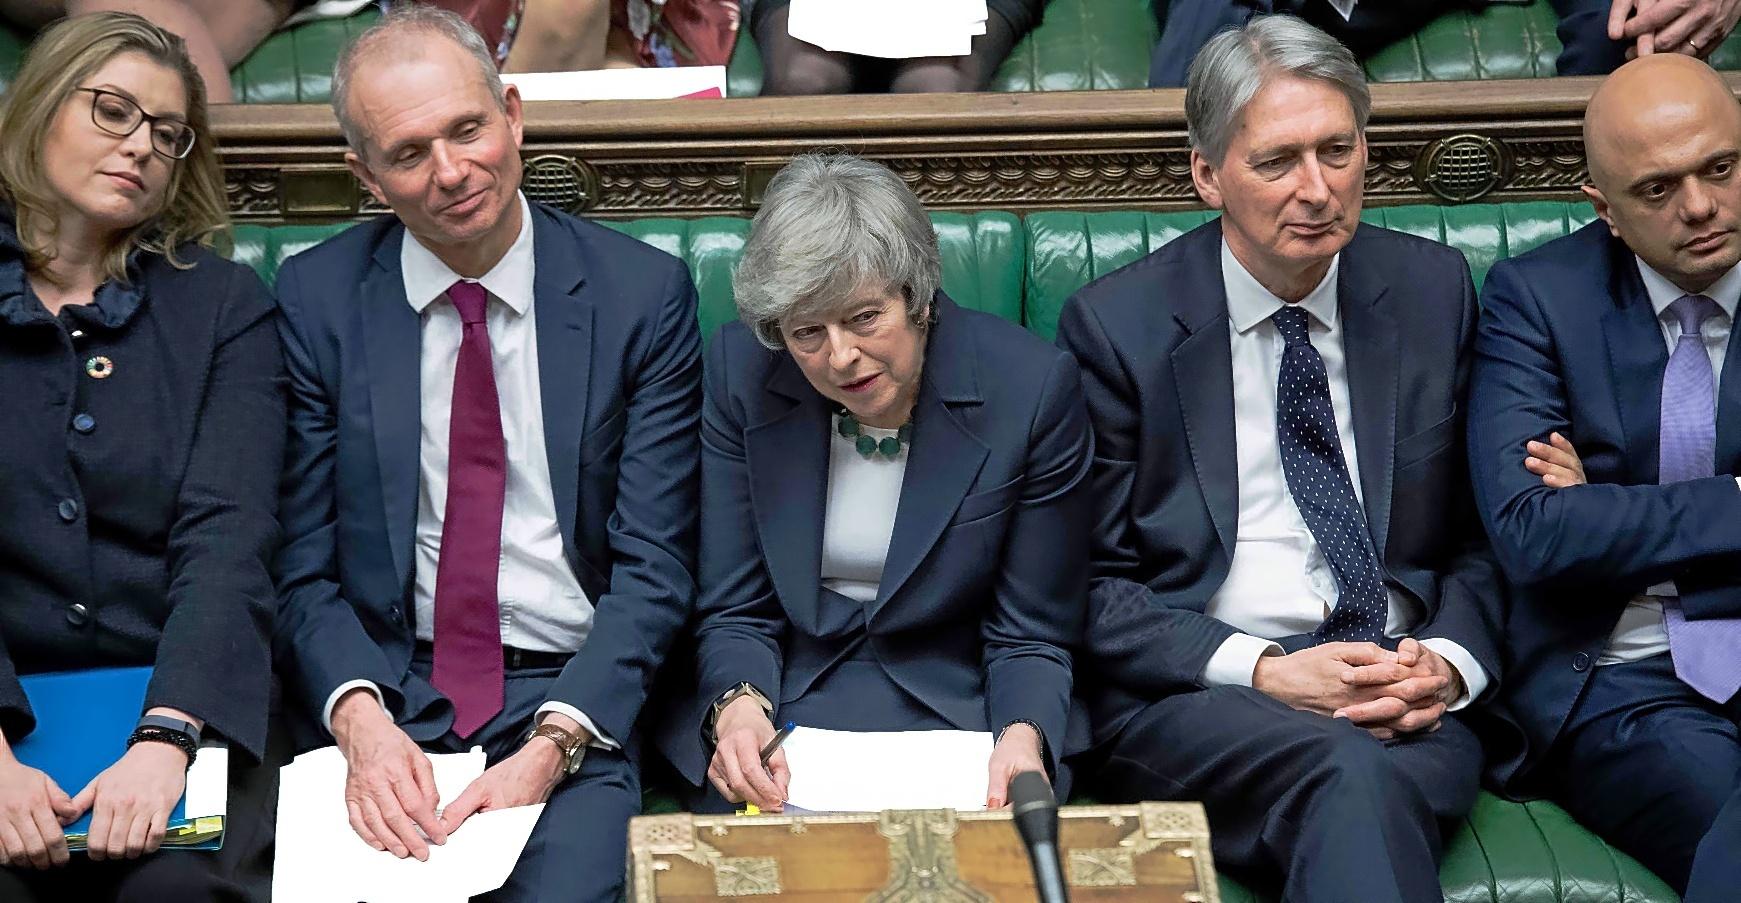 La 'premier' británica, Theresa May, en el Parlamento británico en Londres.